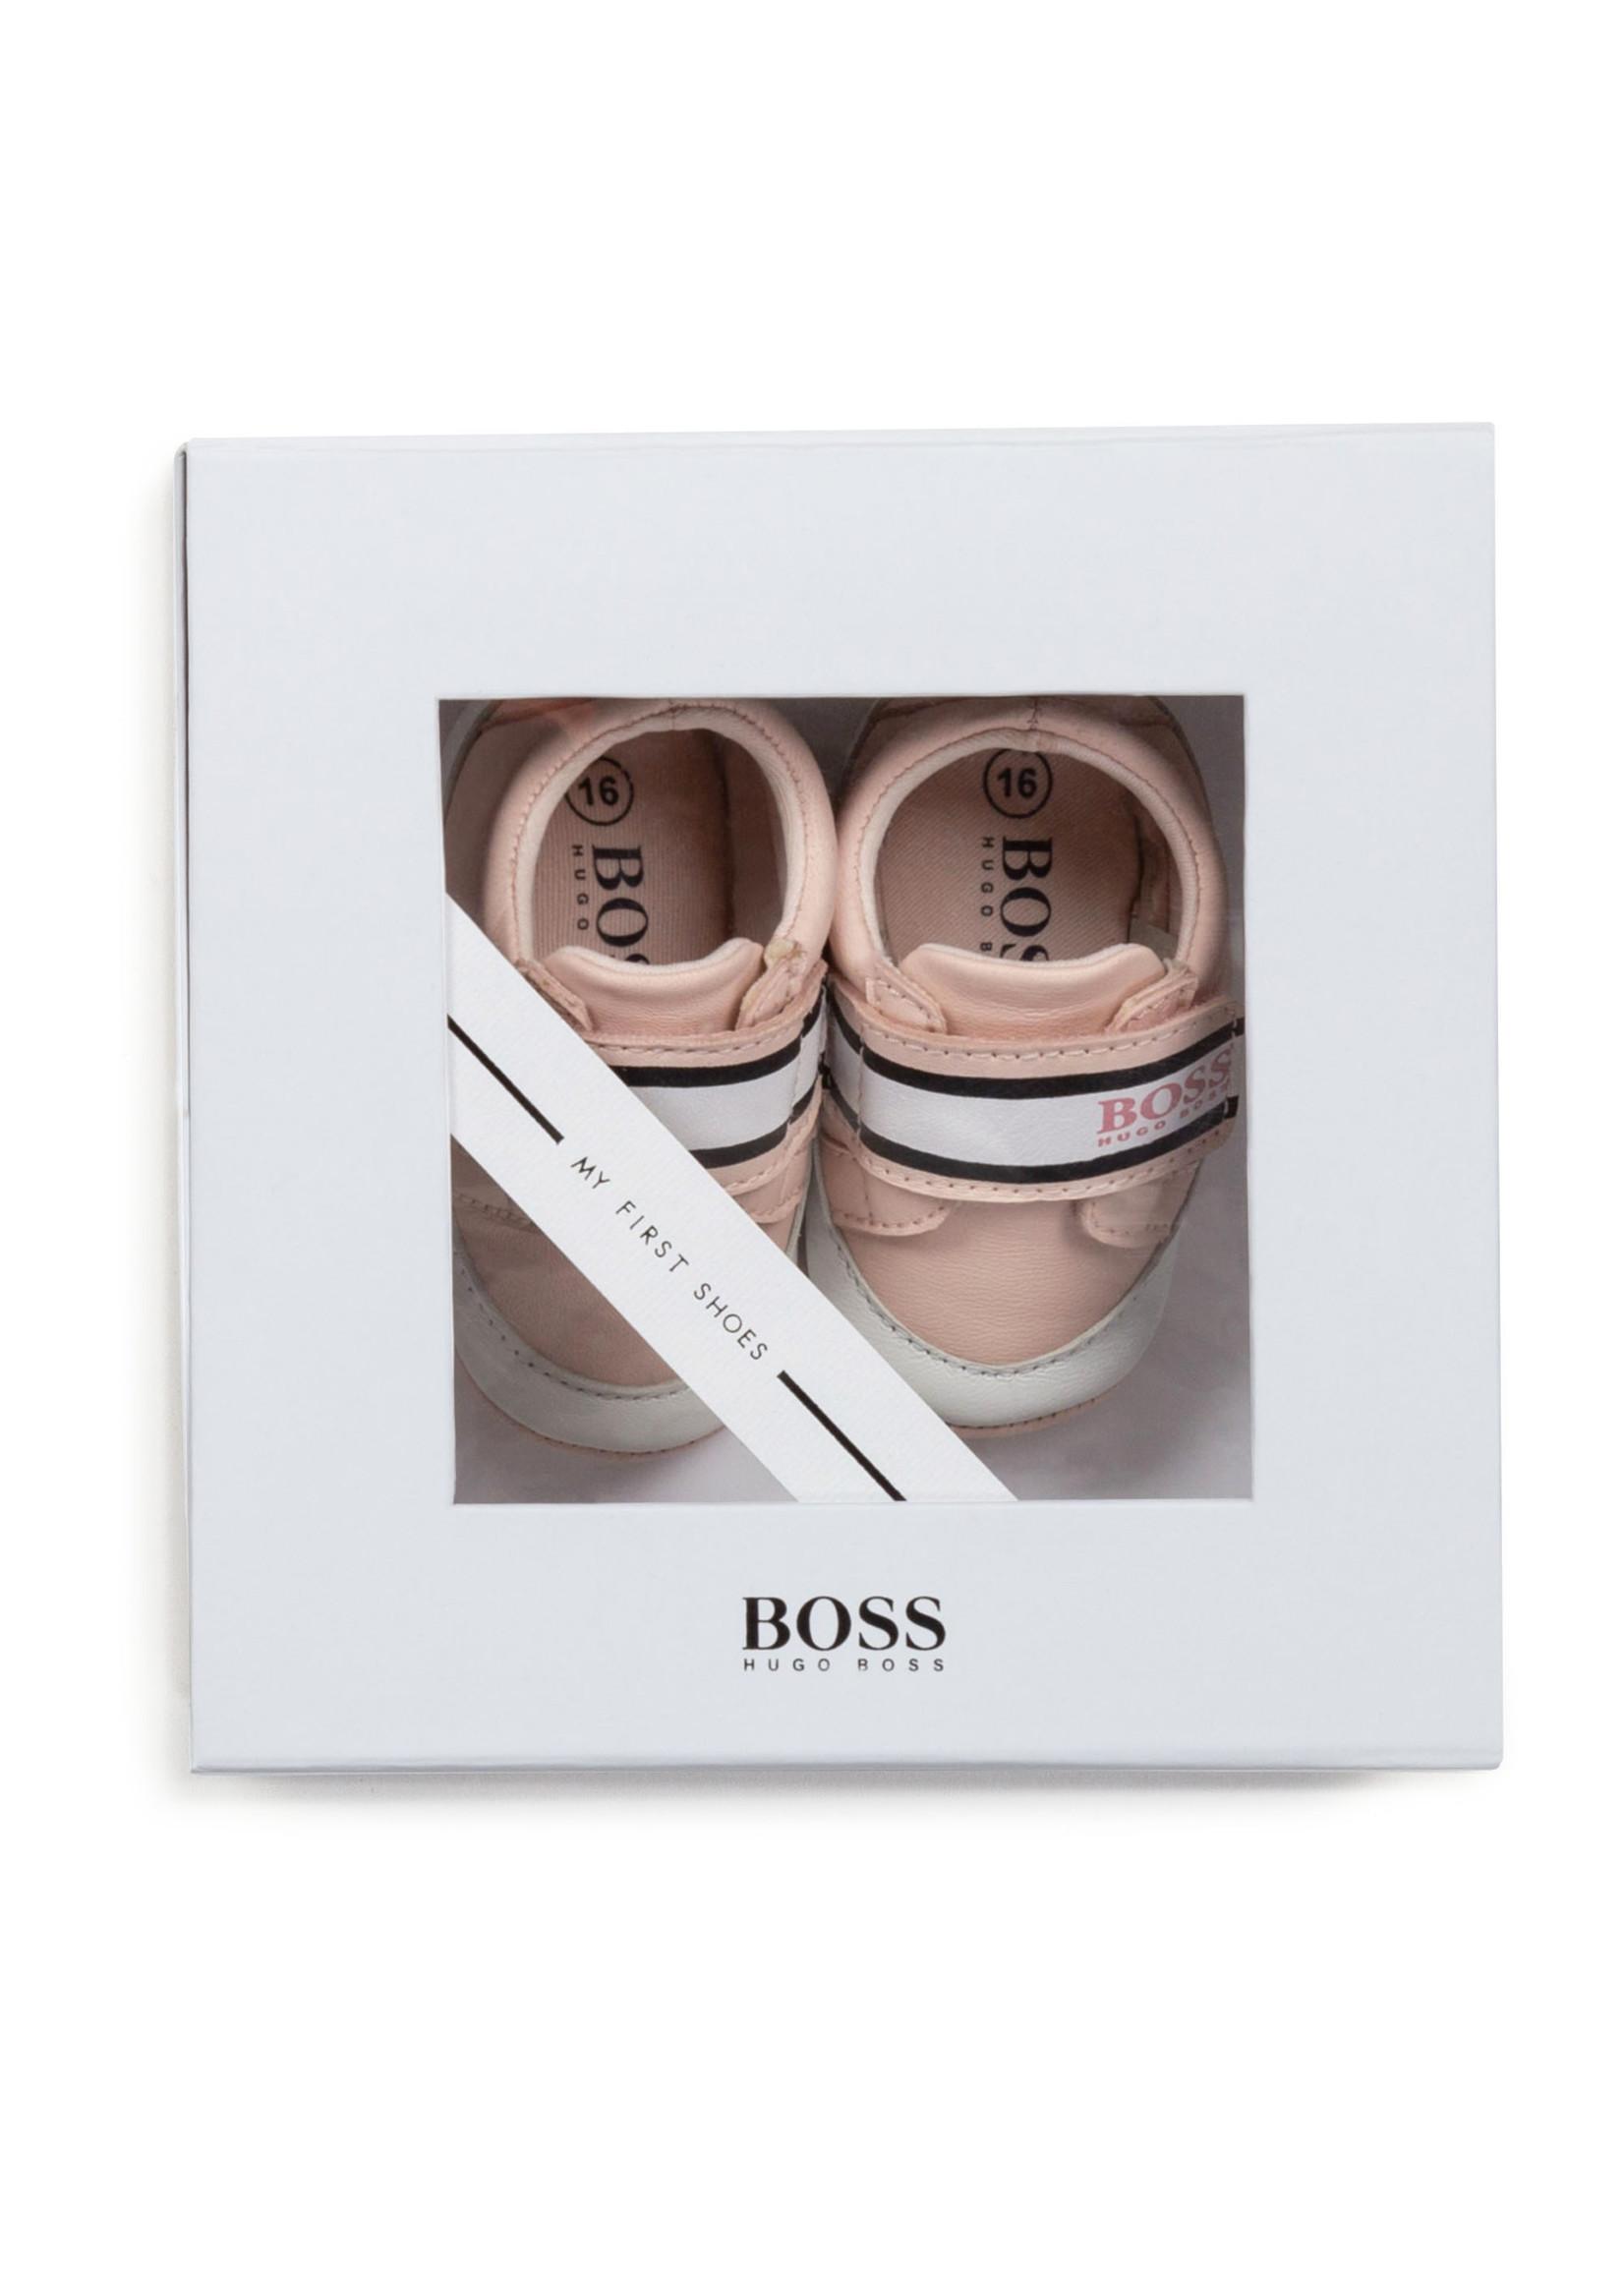 """HUGO BOSS HUGO BOSS Sneakertjes """"Boss"""" roze"""